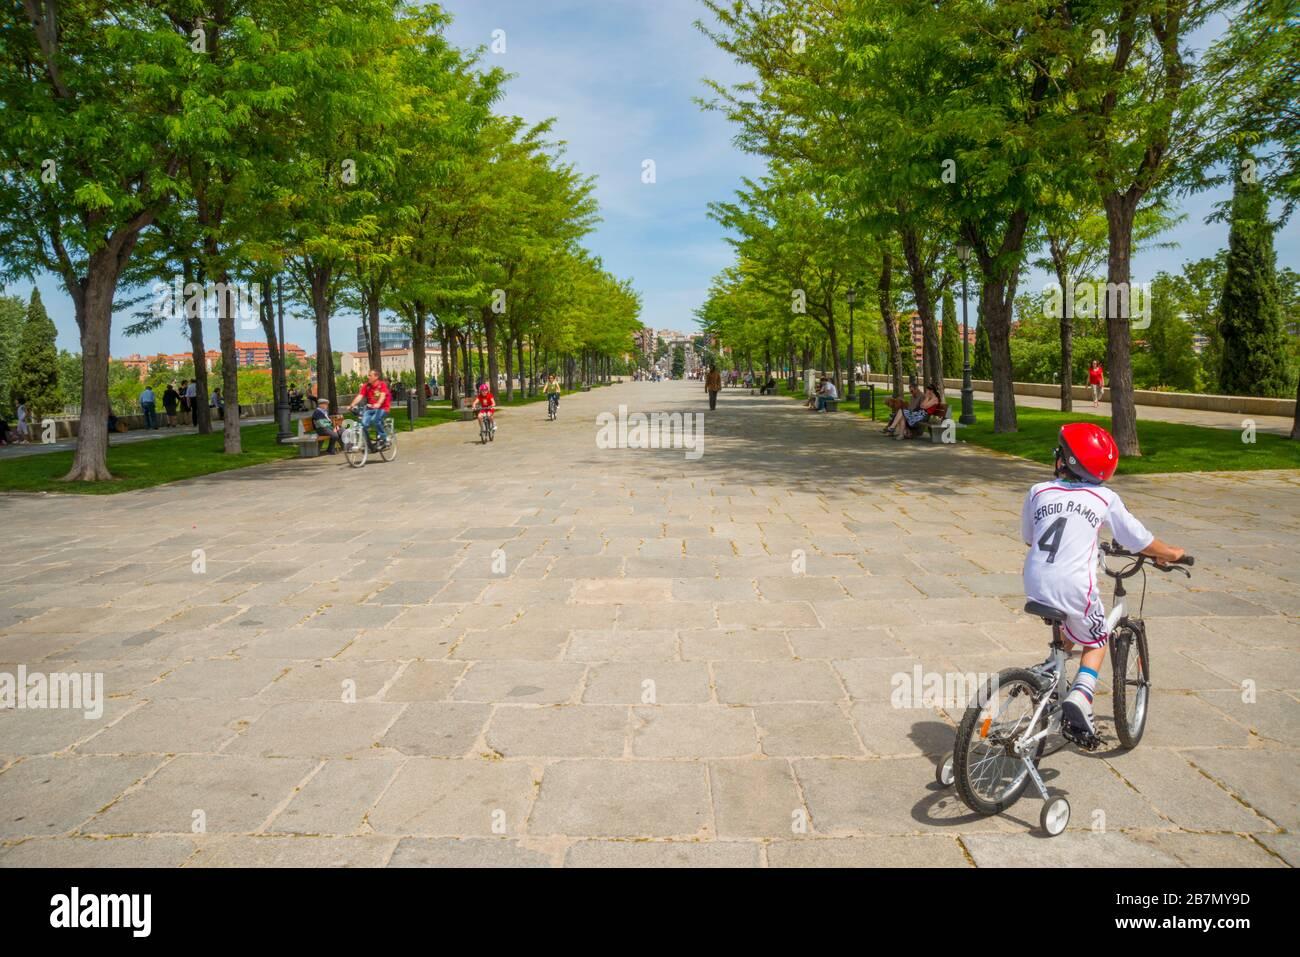 Les gens qui font du vélo au pont de Tolède. Madrid, Espagne. Banque D'Images